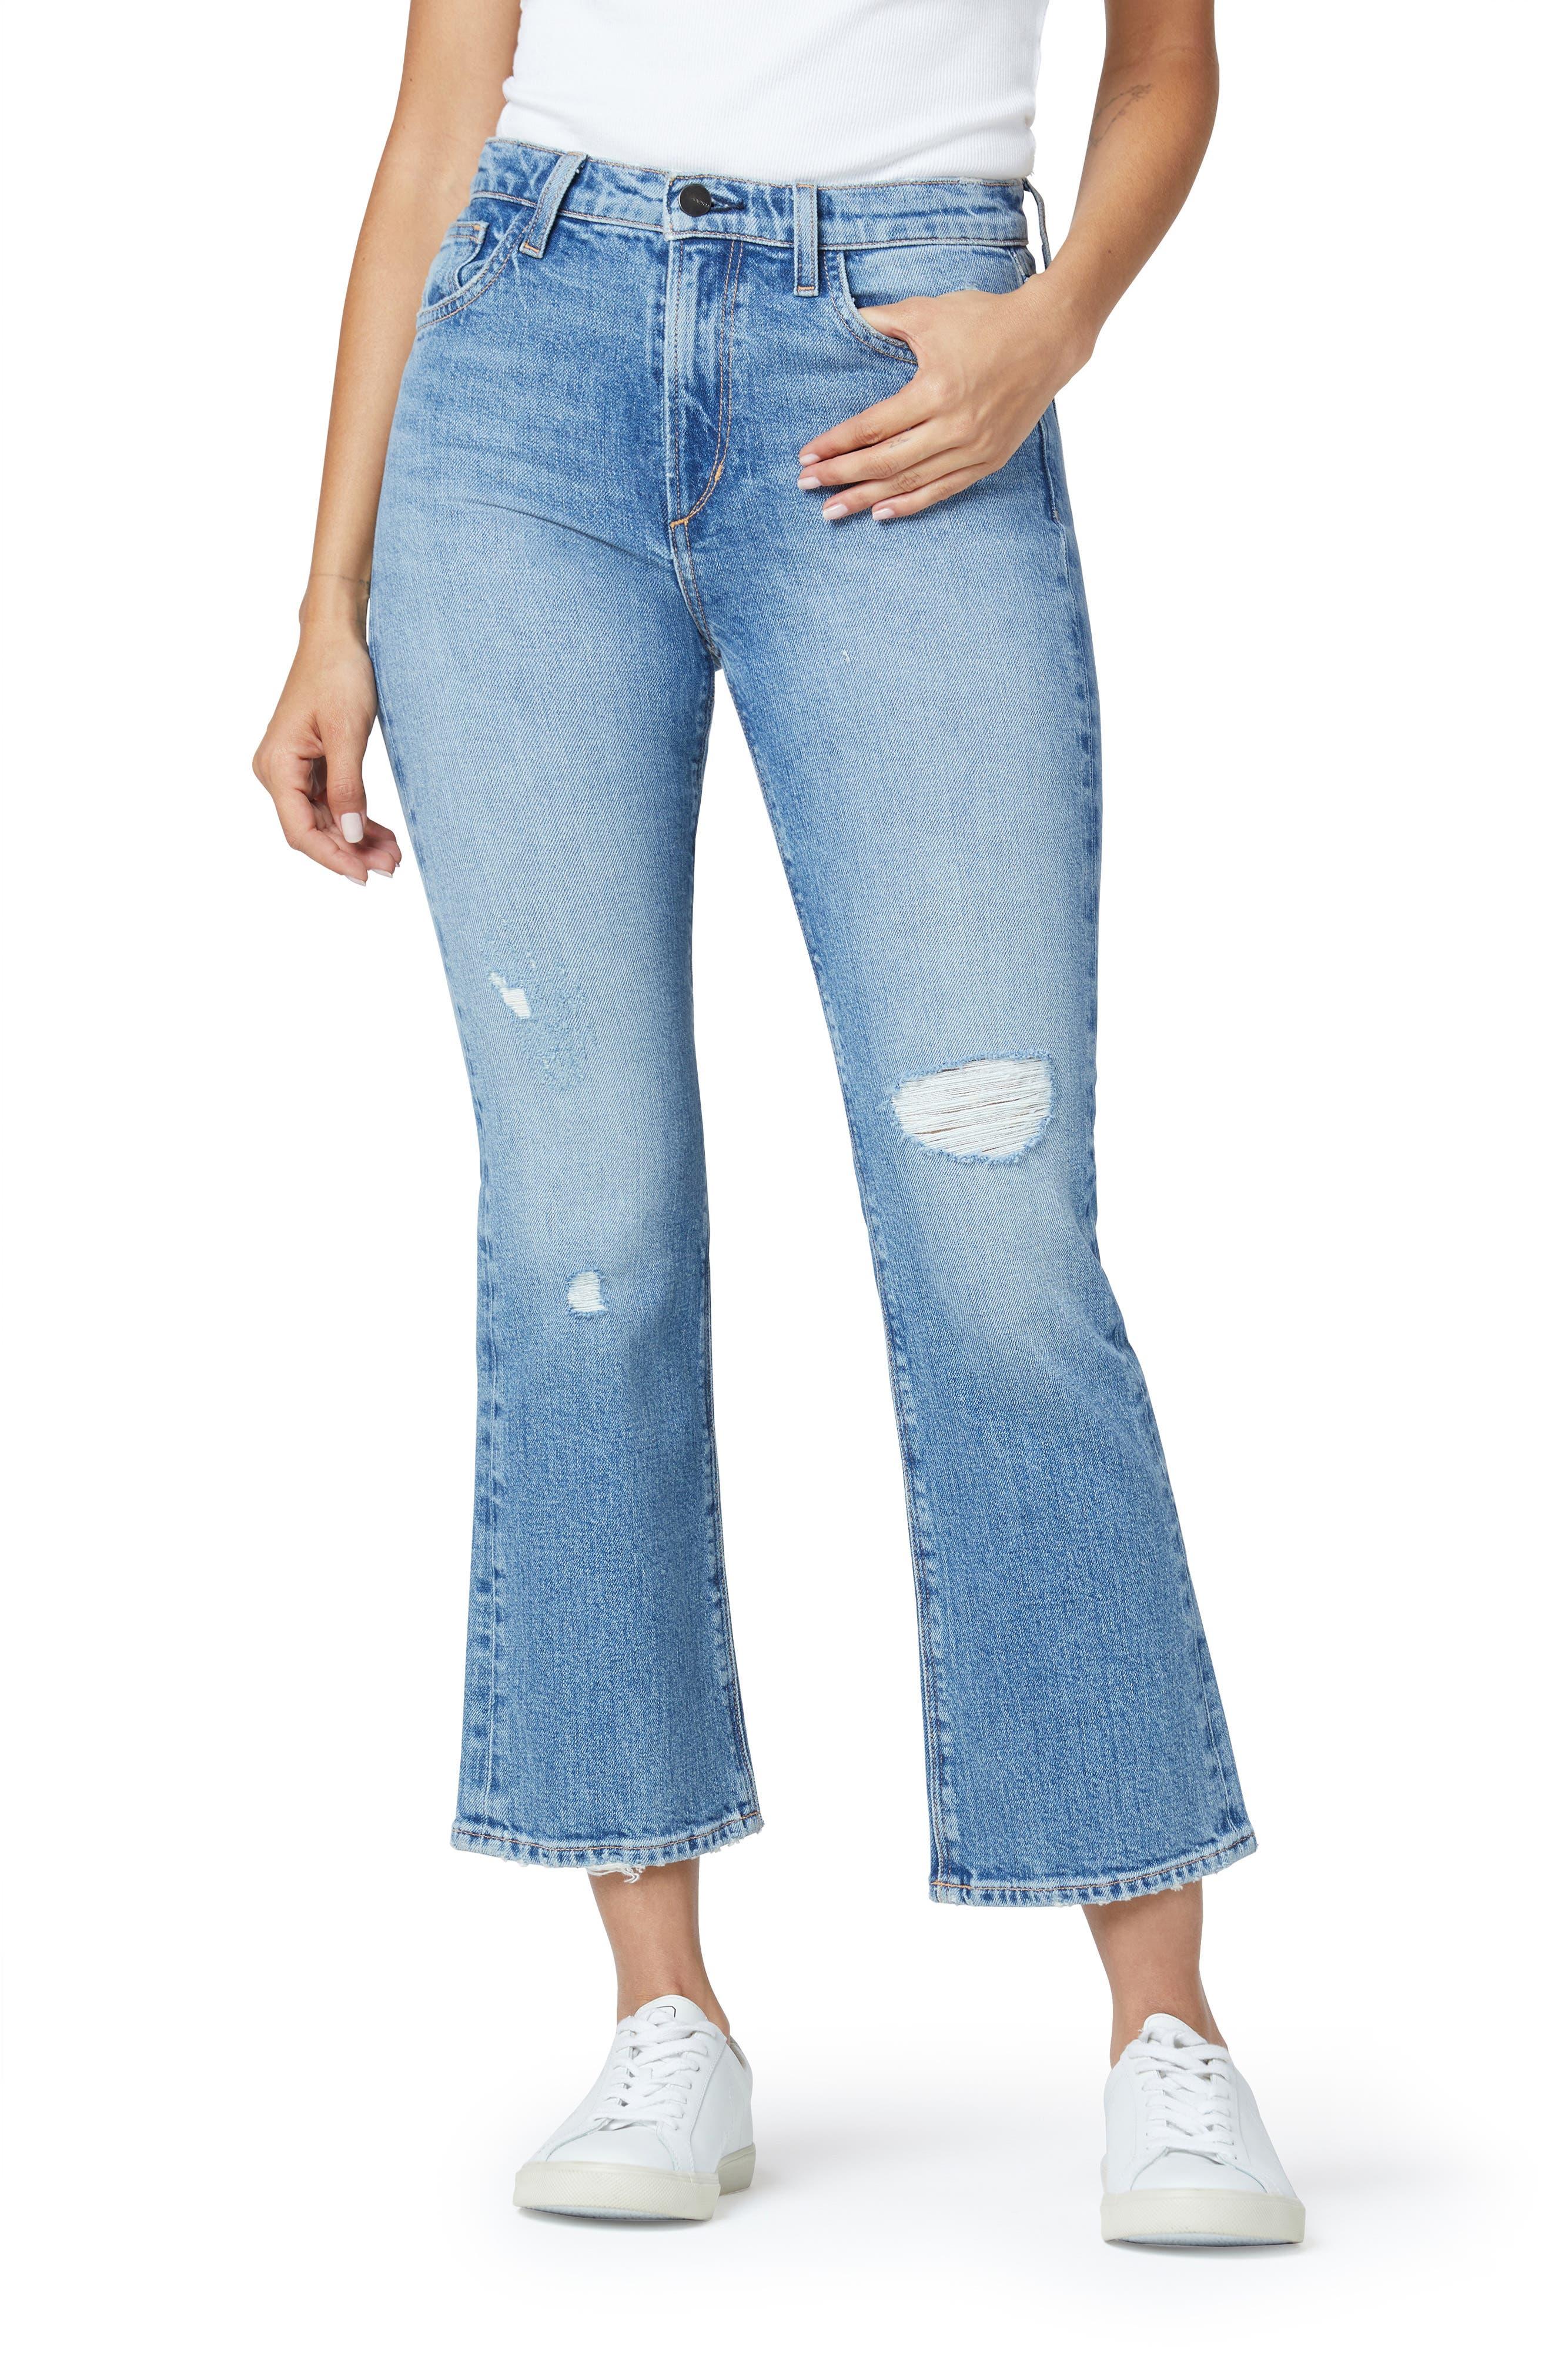 The Callie High Waist Crop Bootcut Organic Cotton Jeans